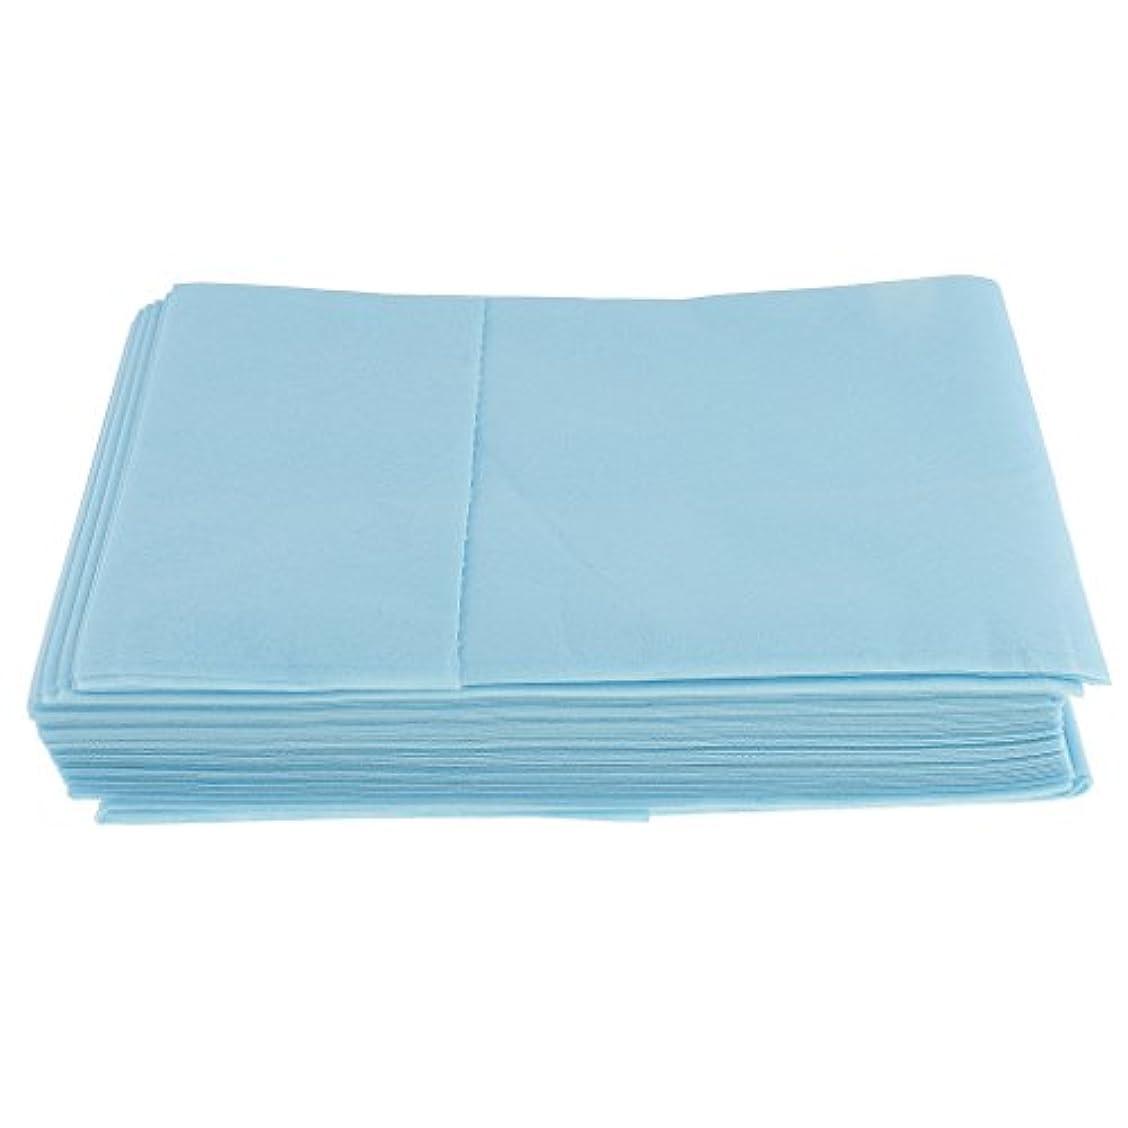 ニンニク遅れディプロマ10枚入り 使い捨て 美容室/マッサージ/サロン/ホテル ベッドパッド 無織PP 衛生シート 全3色選べ - 青